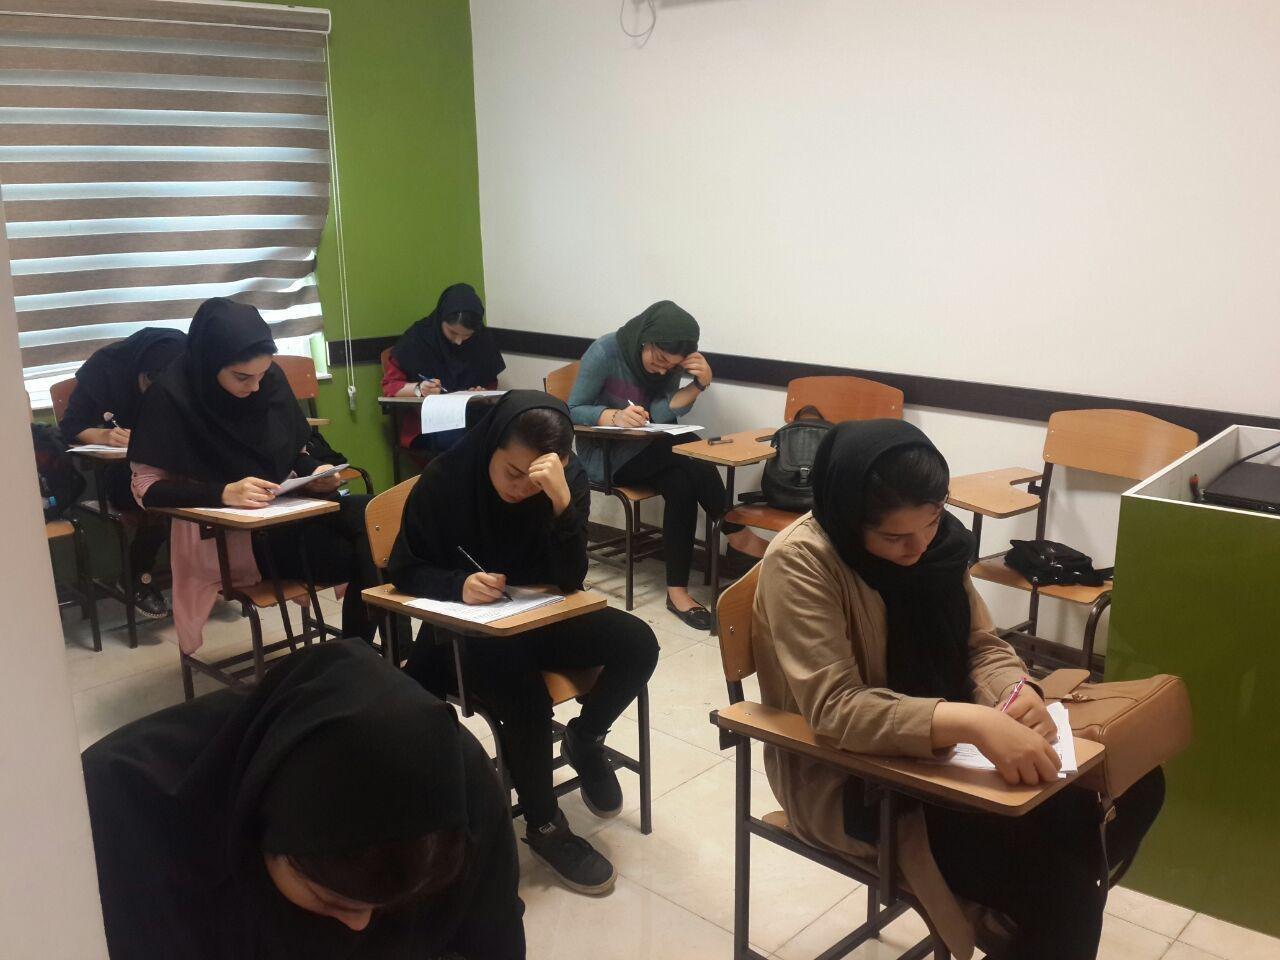 آموزشگاه زبان انگلیسی صبا گالری 4